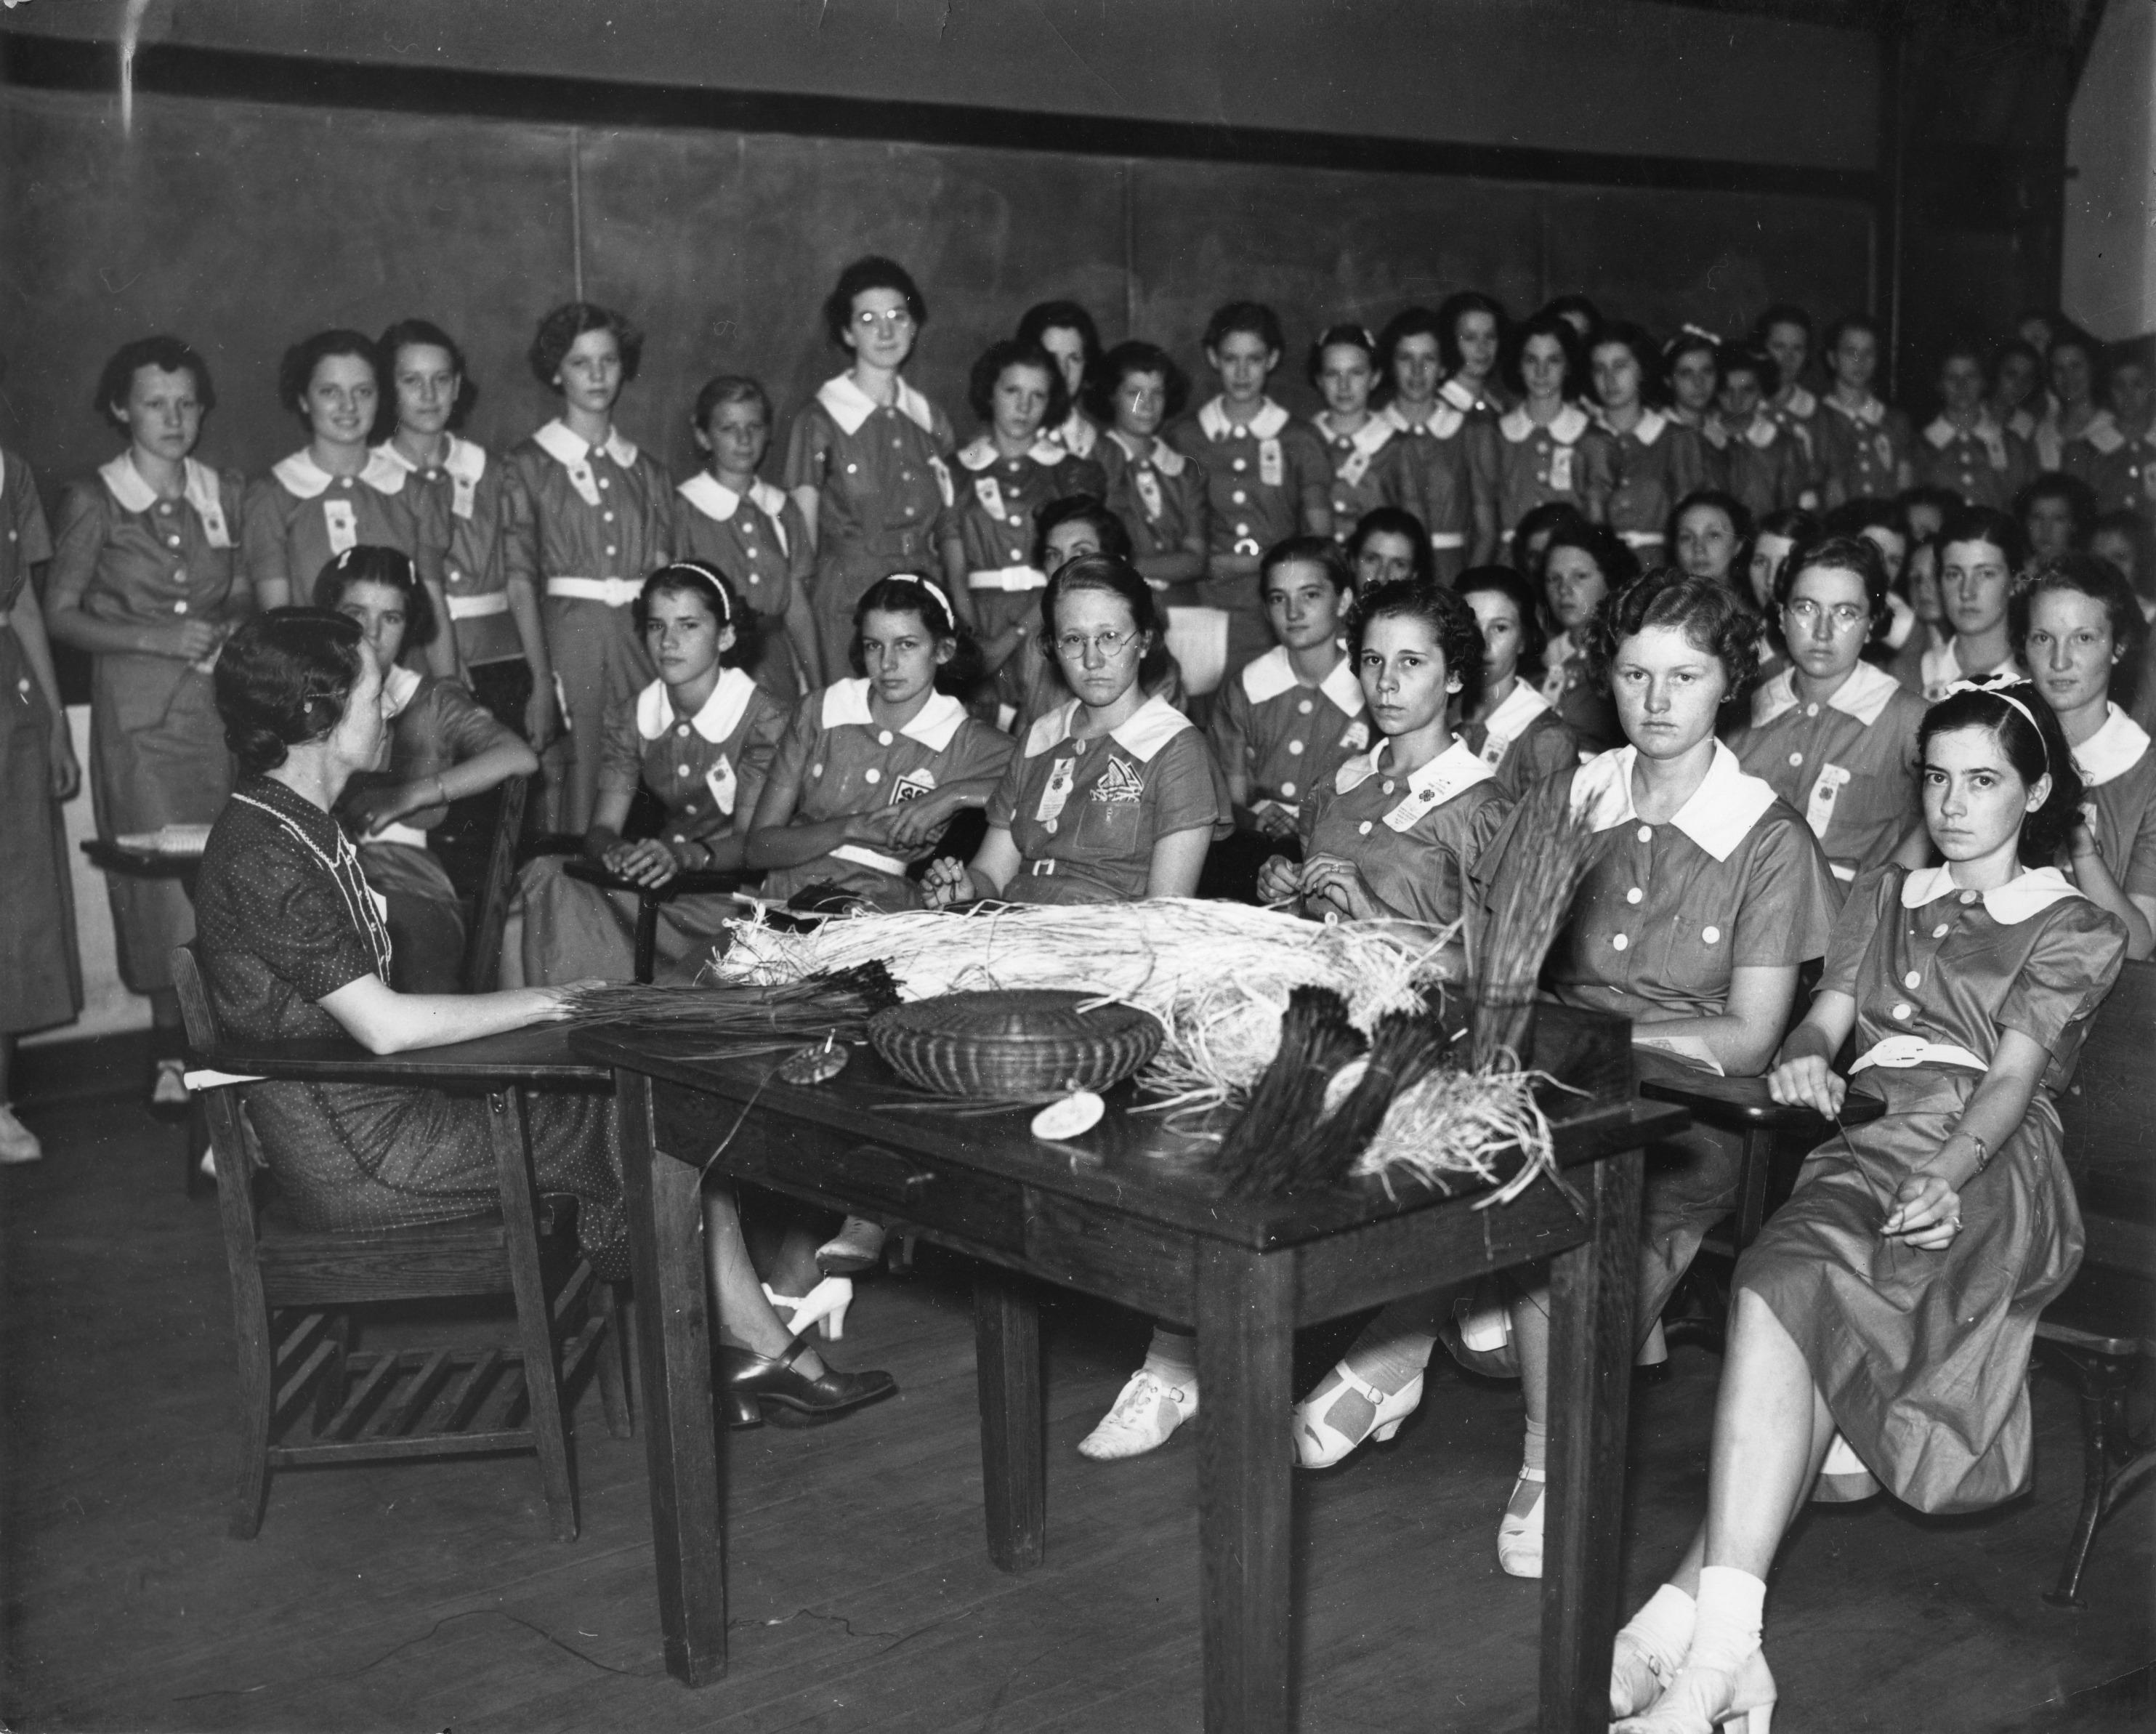 Basket Weaving North Carolina : H club members attending a basket weaving class at north